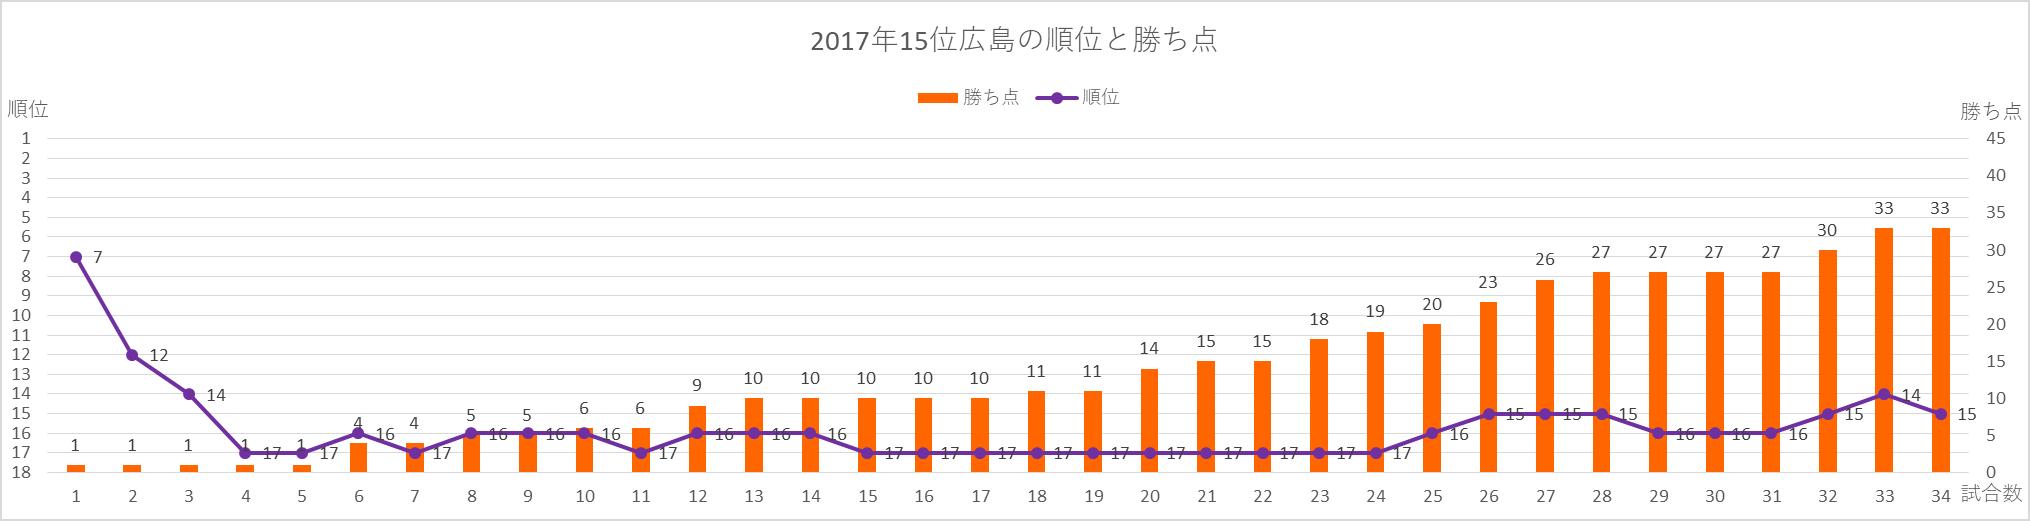 2017年広島の順位と勝ち点の推移